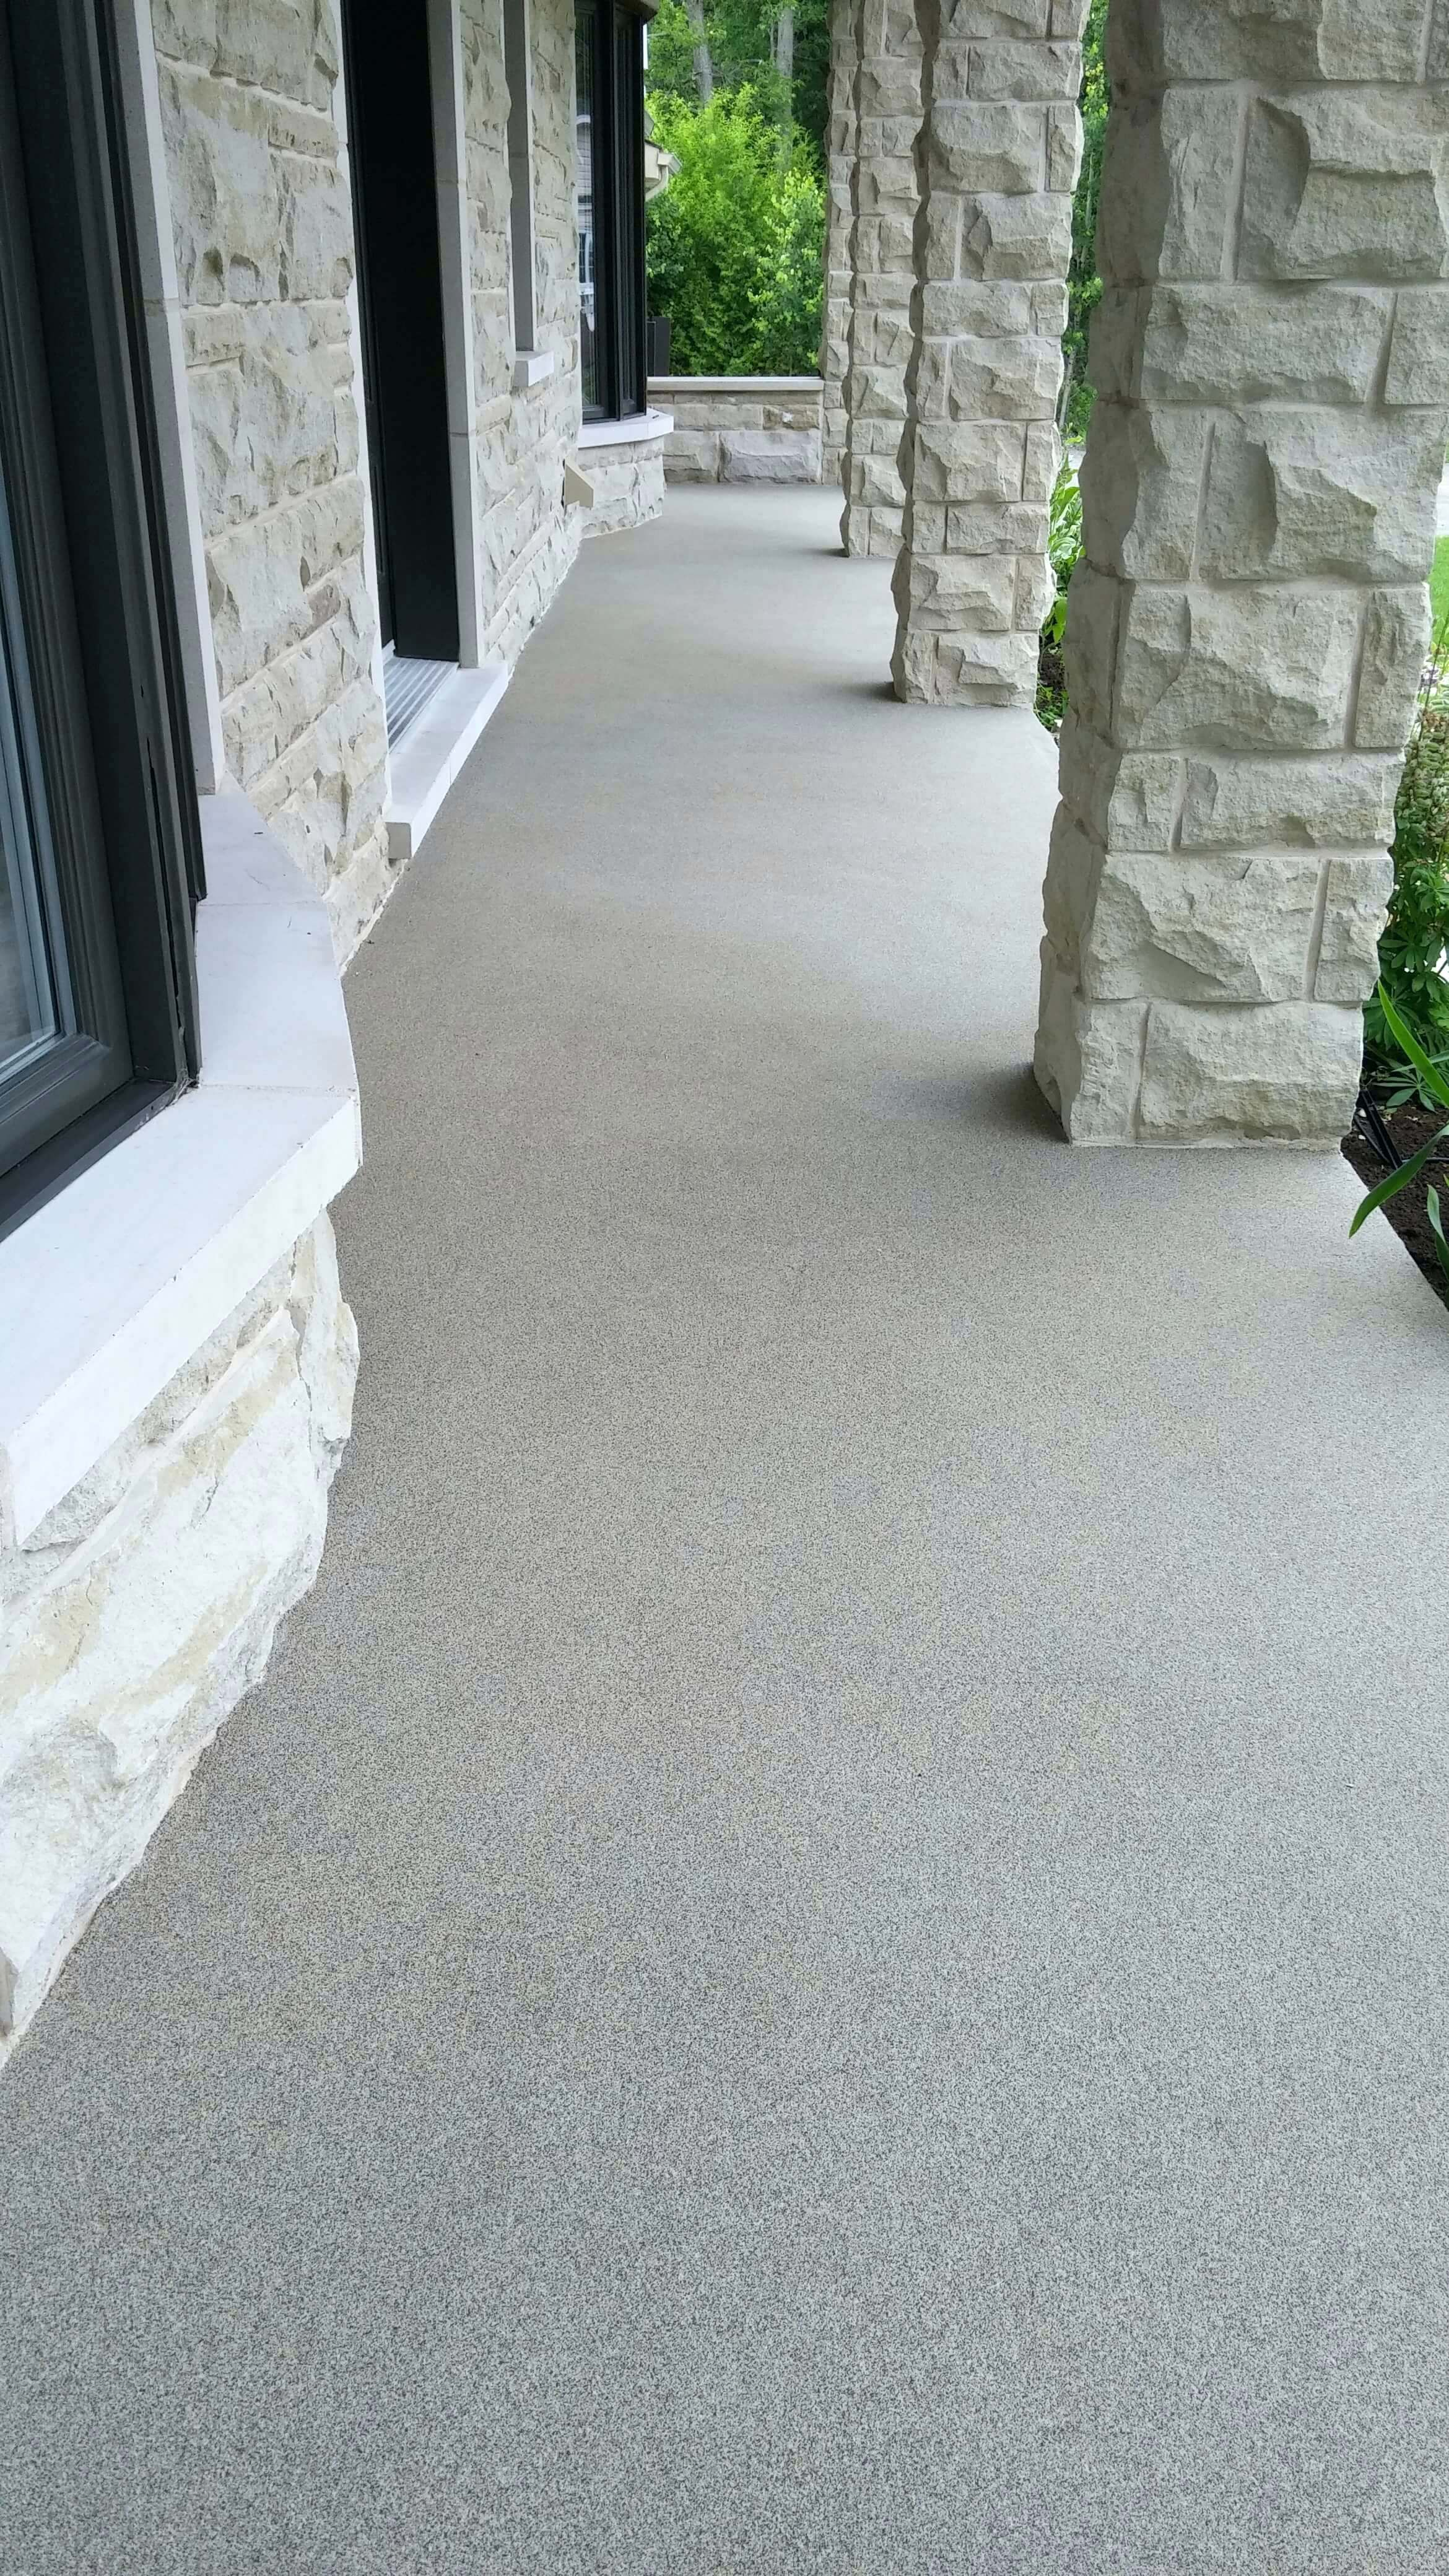 peinture sol beton exterieur antiderapant les balcons paliers marches trottoirs contour de piscine patio terrasse et - Peinture Sol Beton Exterieur Antiderapant